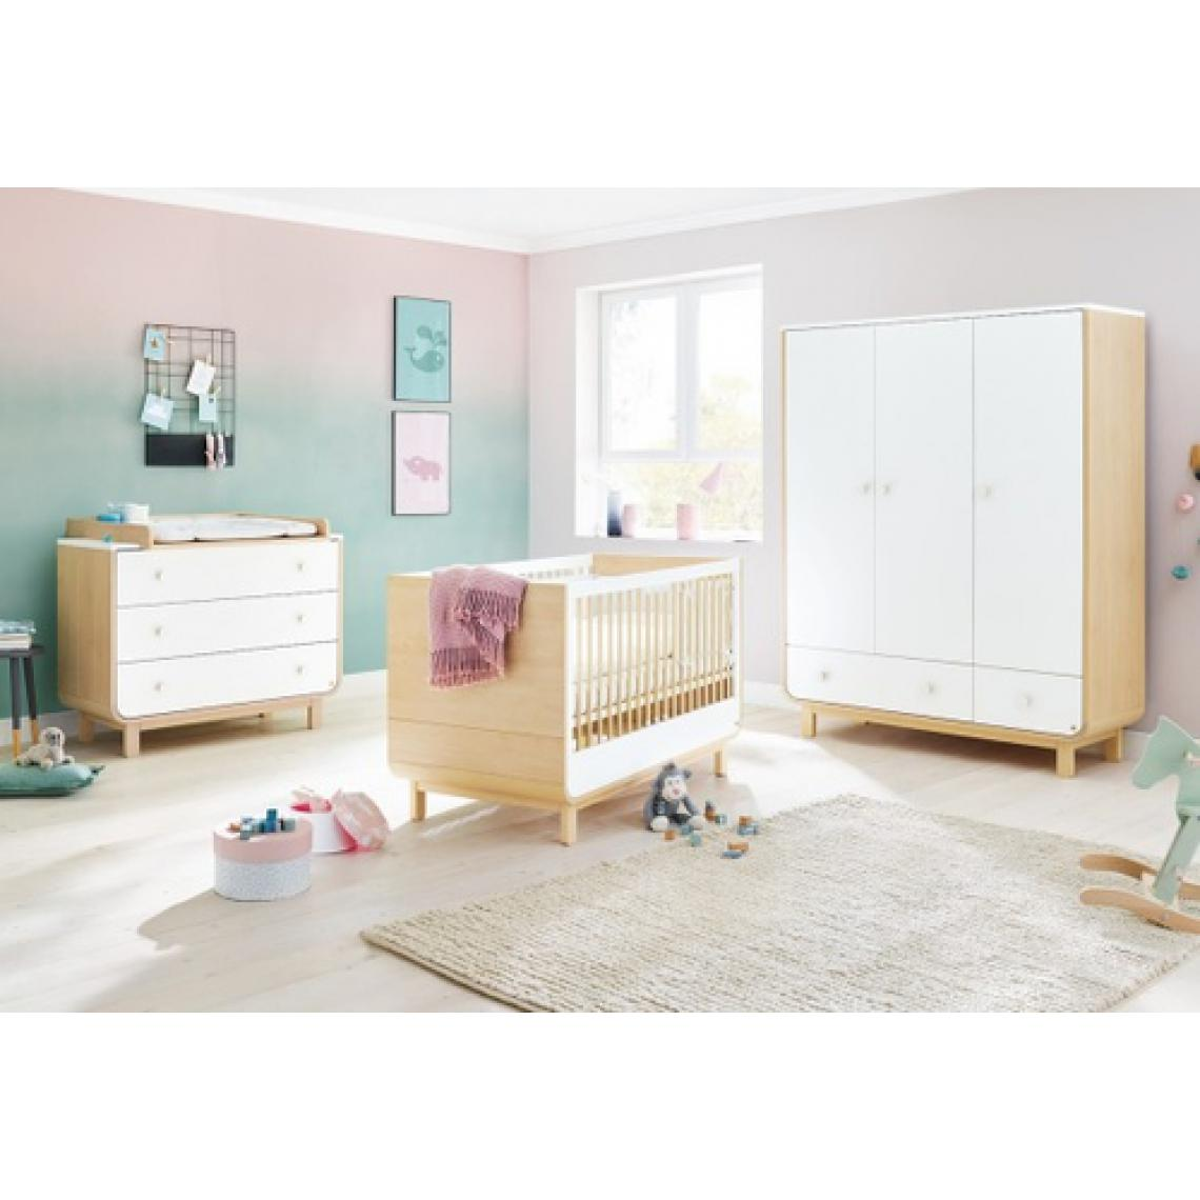 Pinolino Pinolino Chambre de bébé Round 3 pièces lit de bébé évolutif commode à langer armoire grande